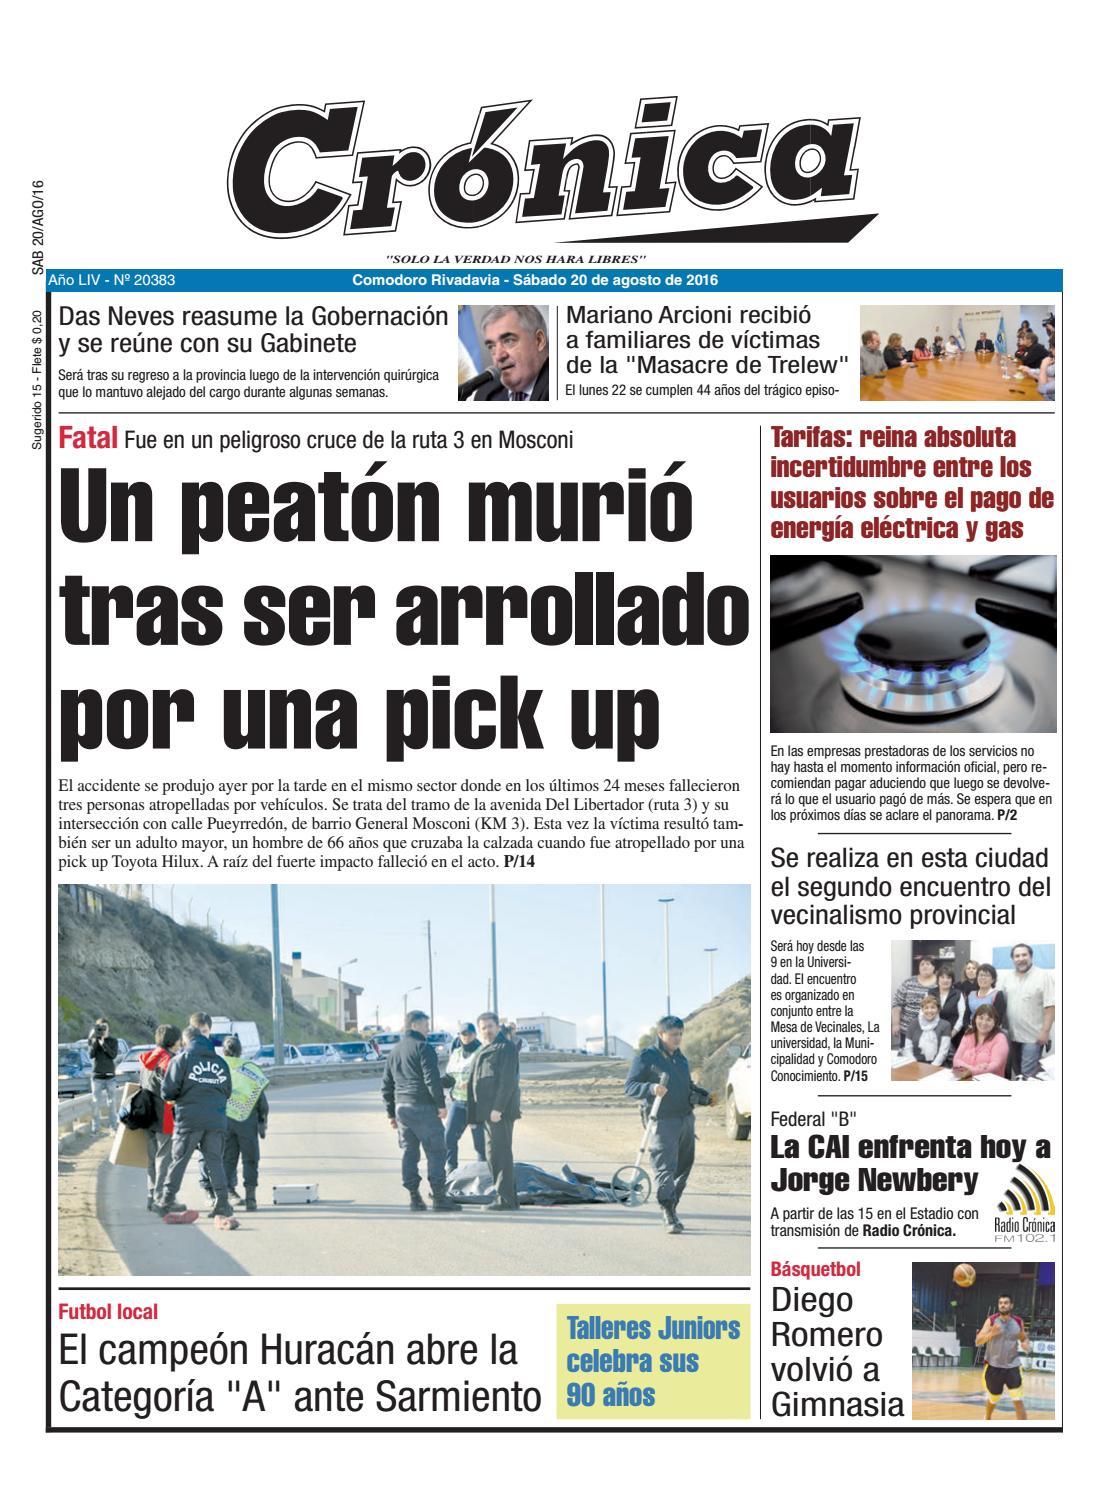 082e59e385cc4c9284635371908fa95c by Diario Crónica - issuu